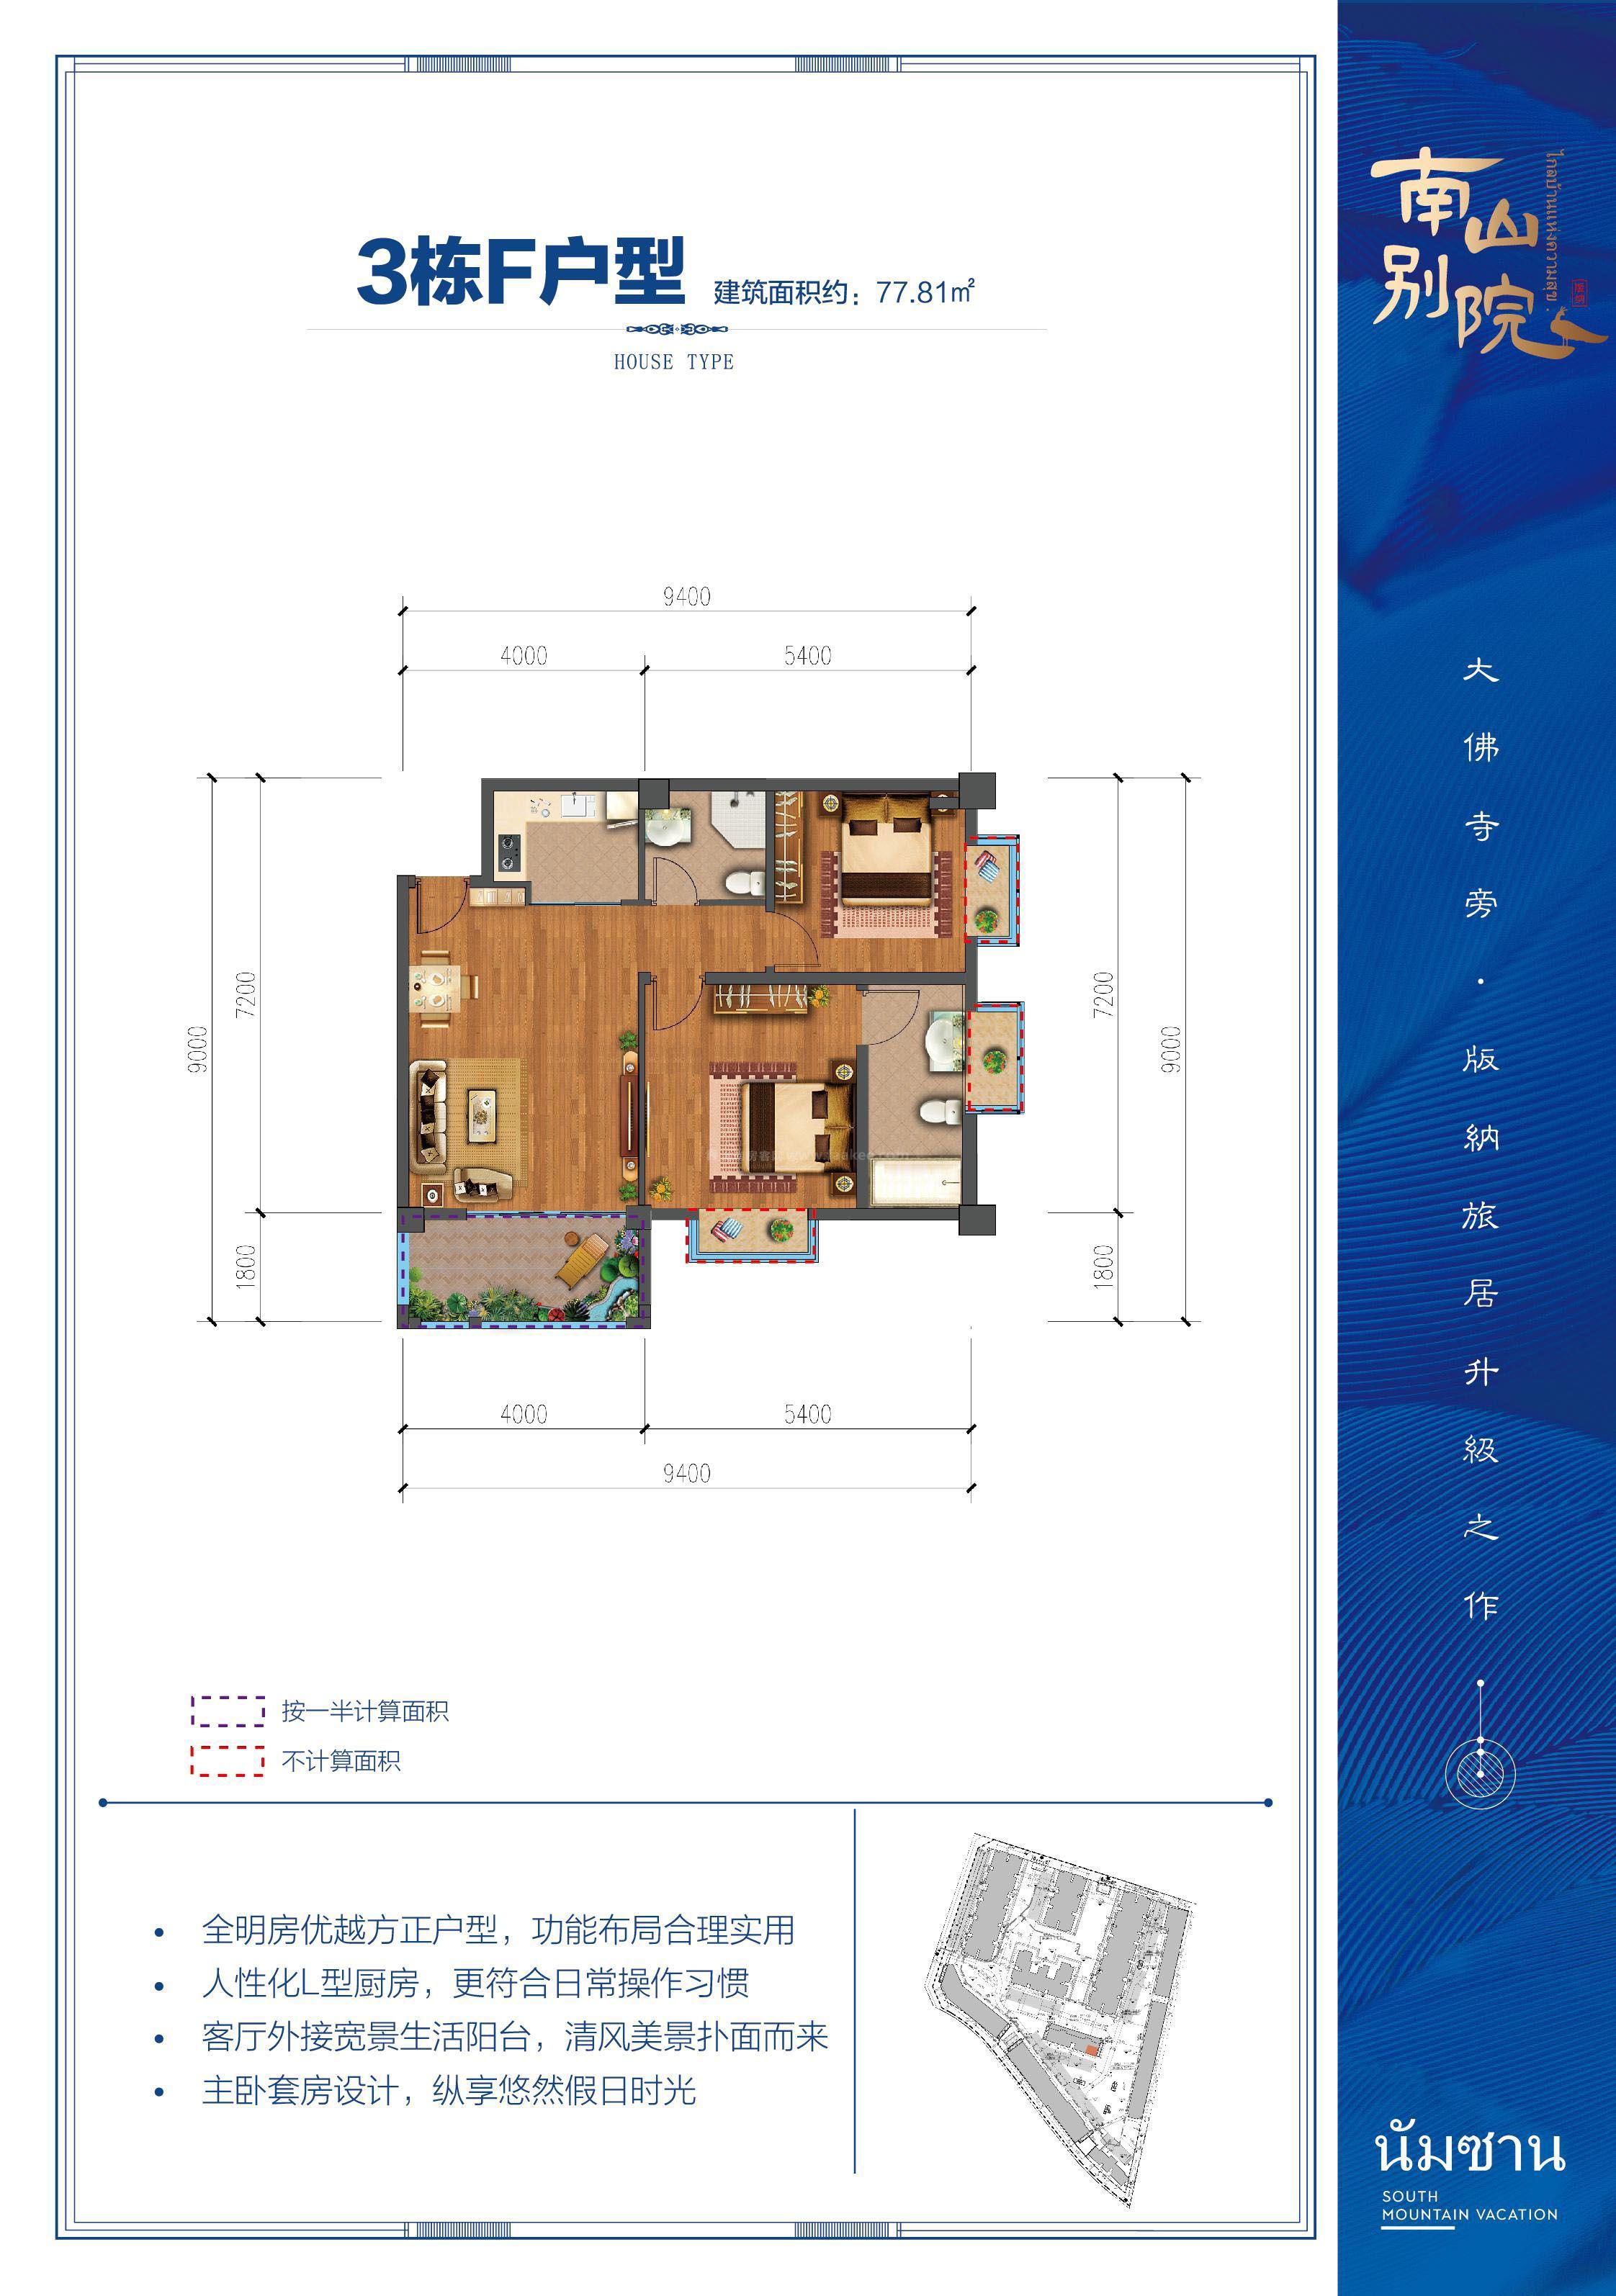 3栋F户型 2室1厅1卫1厨 建筑面积:77.81㎡